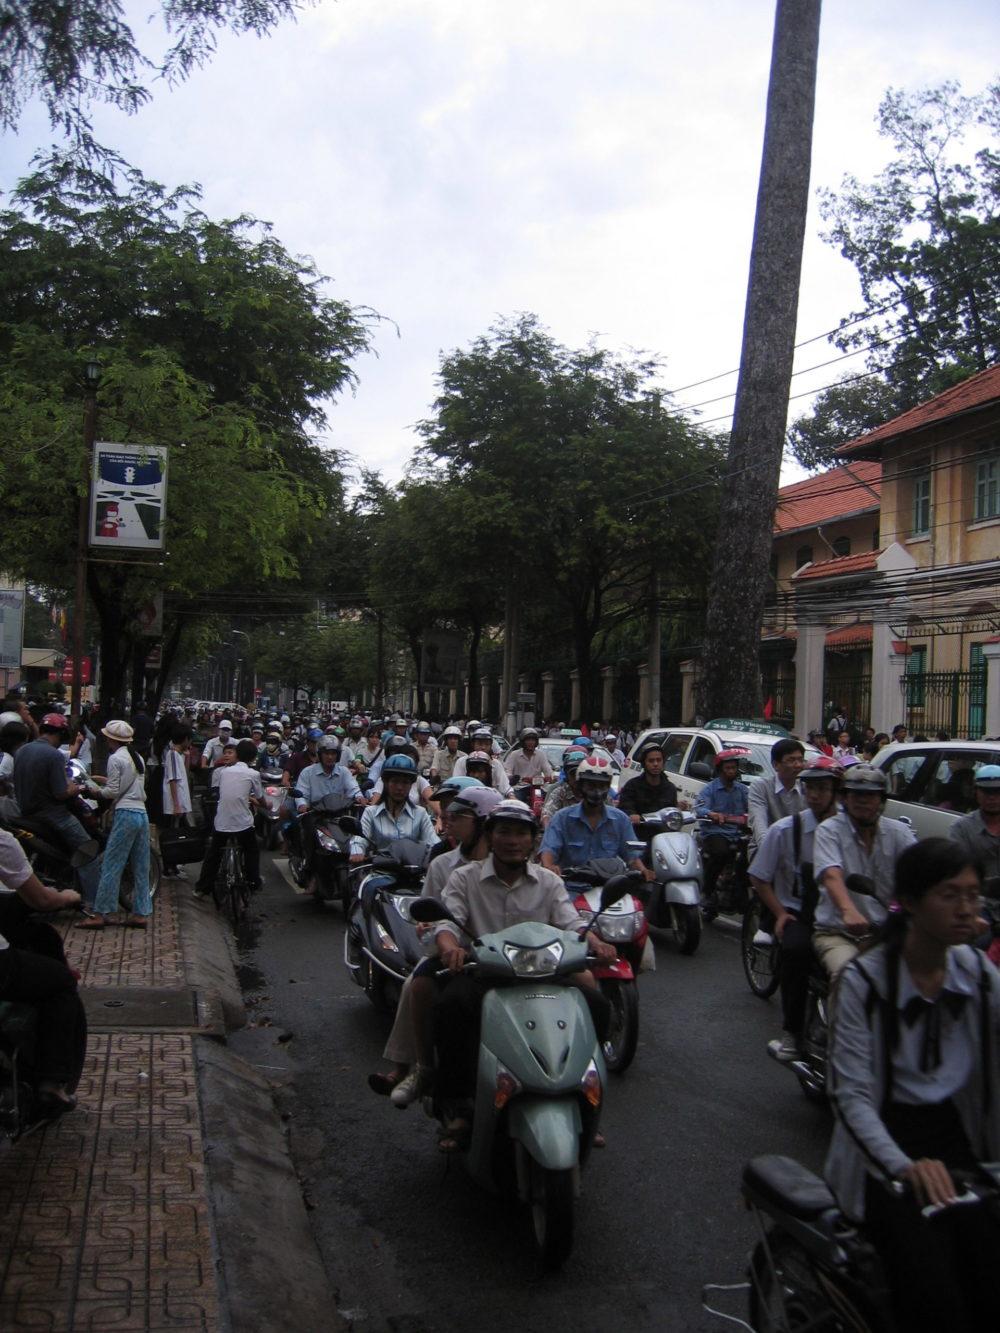 Trafiken i Saigon är galen - men samtidigt väldigt smidig ändå